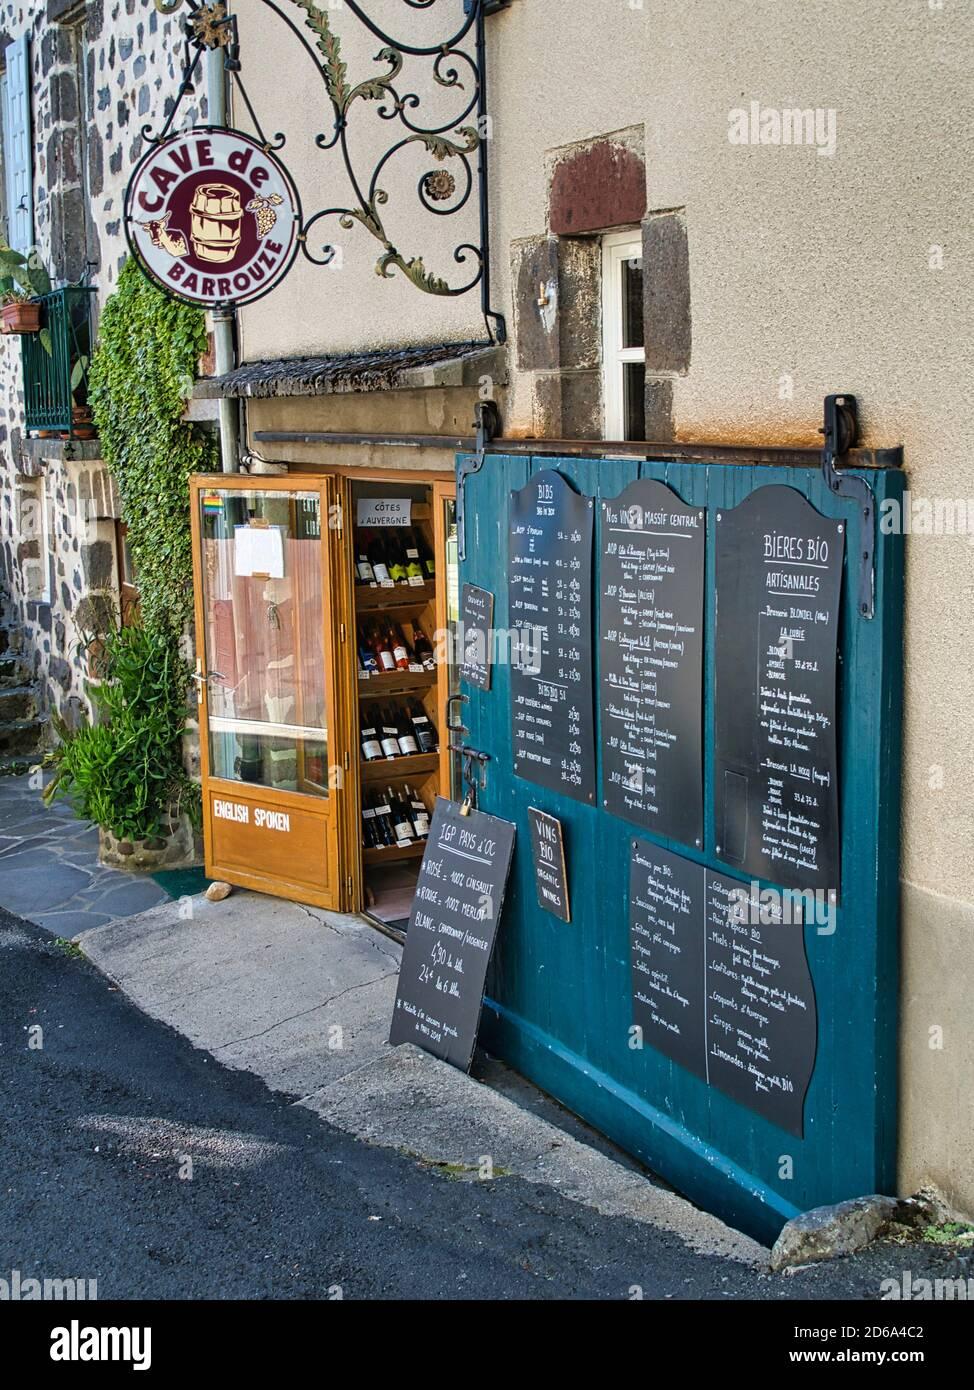 Entrada a una tienda de vinos, Salers, Departamento de Cantal, región de Auvernia, Francia. Foto de stock